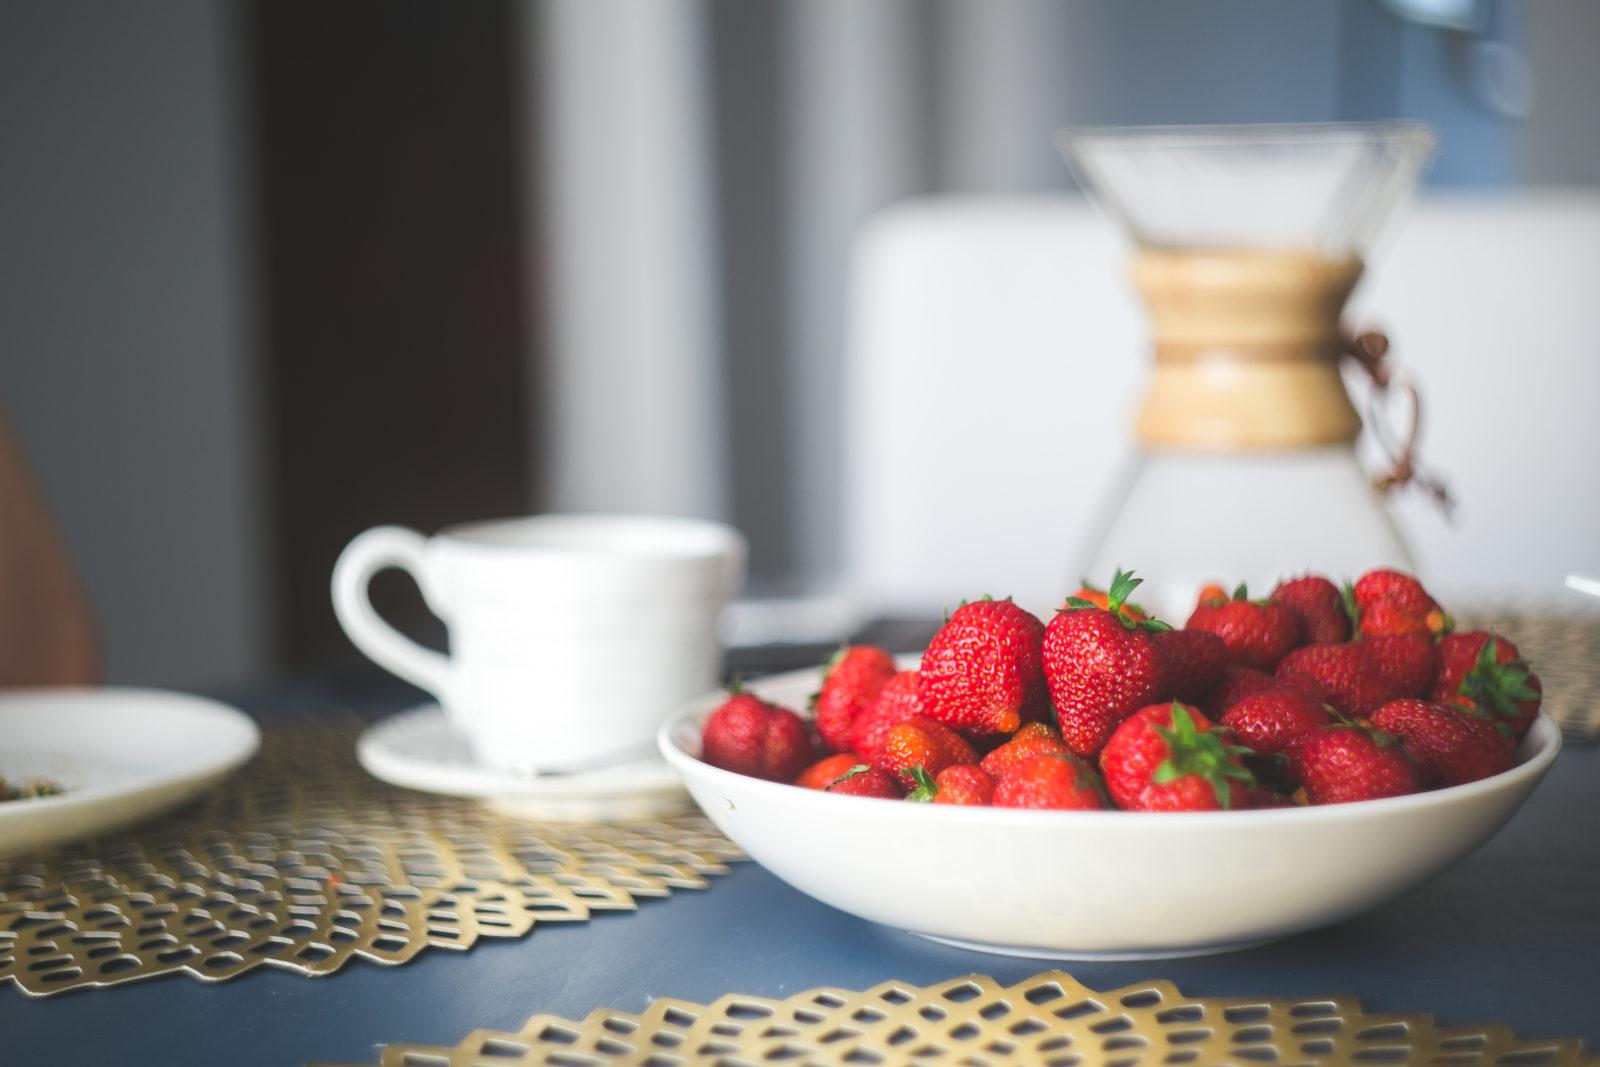 La frutta primaverile che ci fa bene